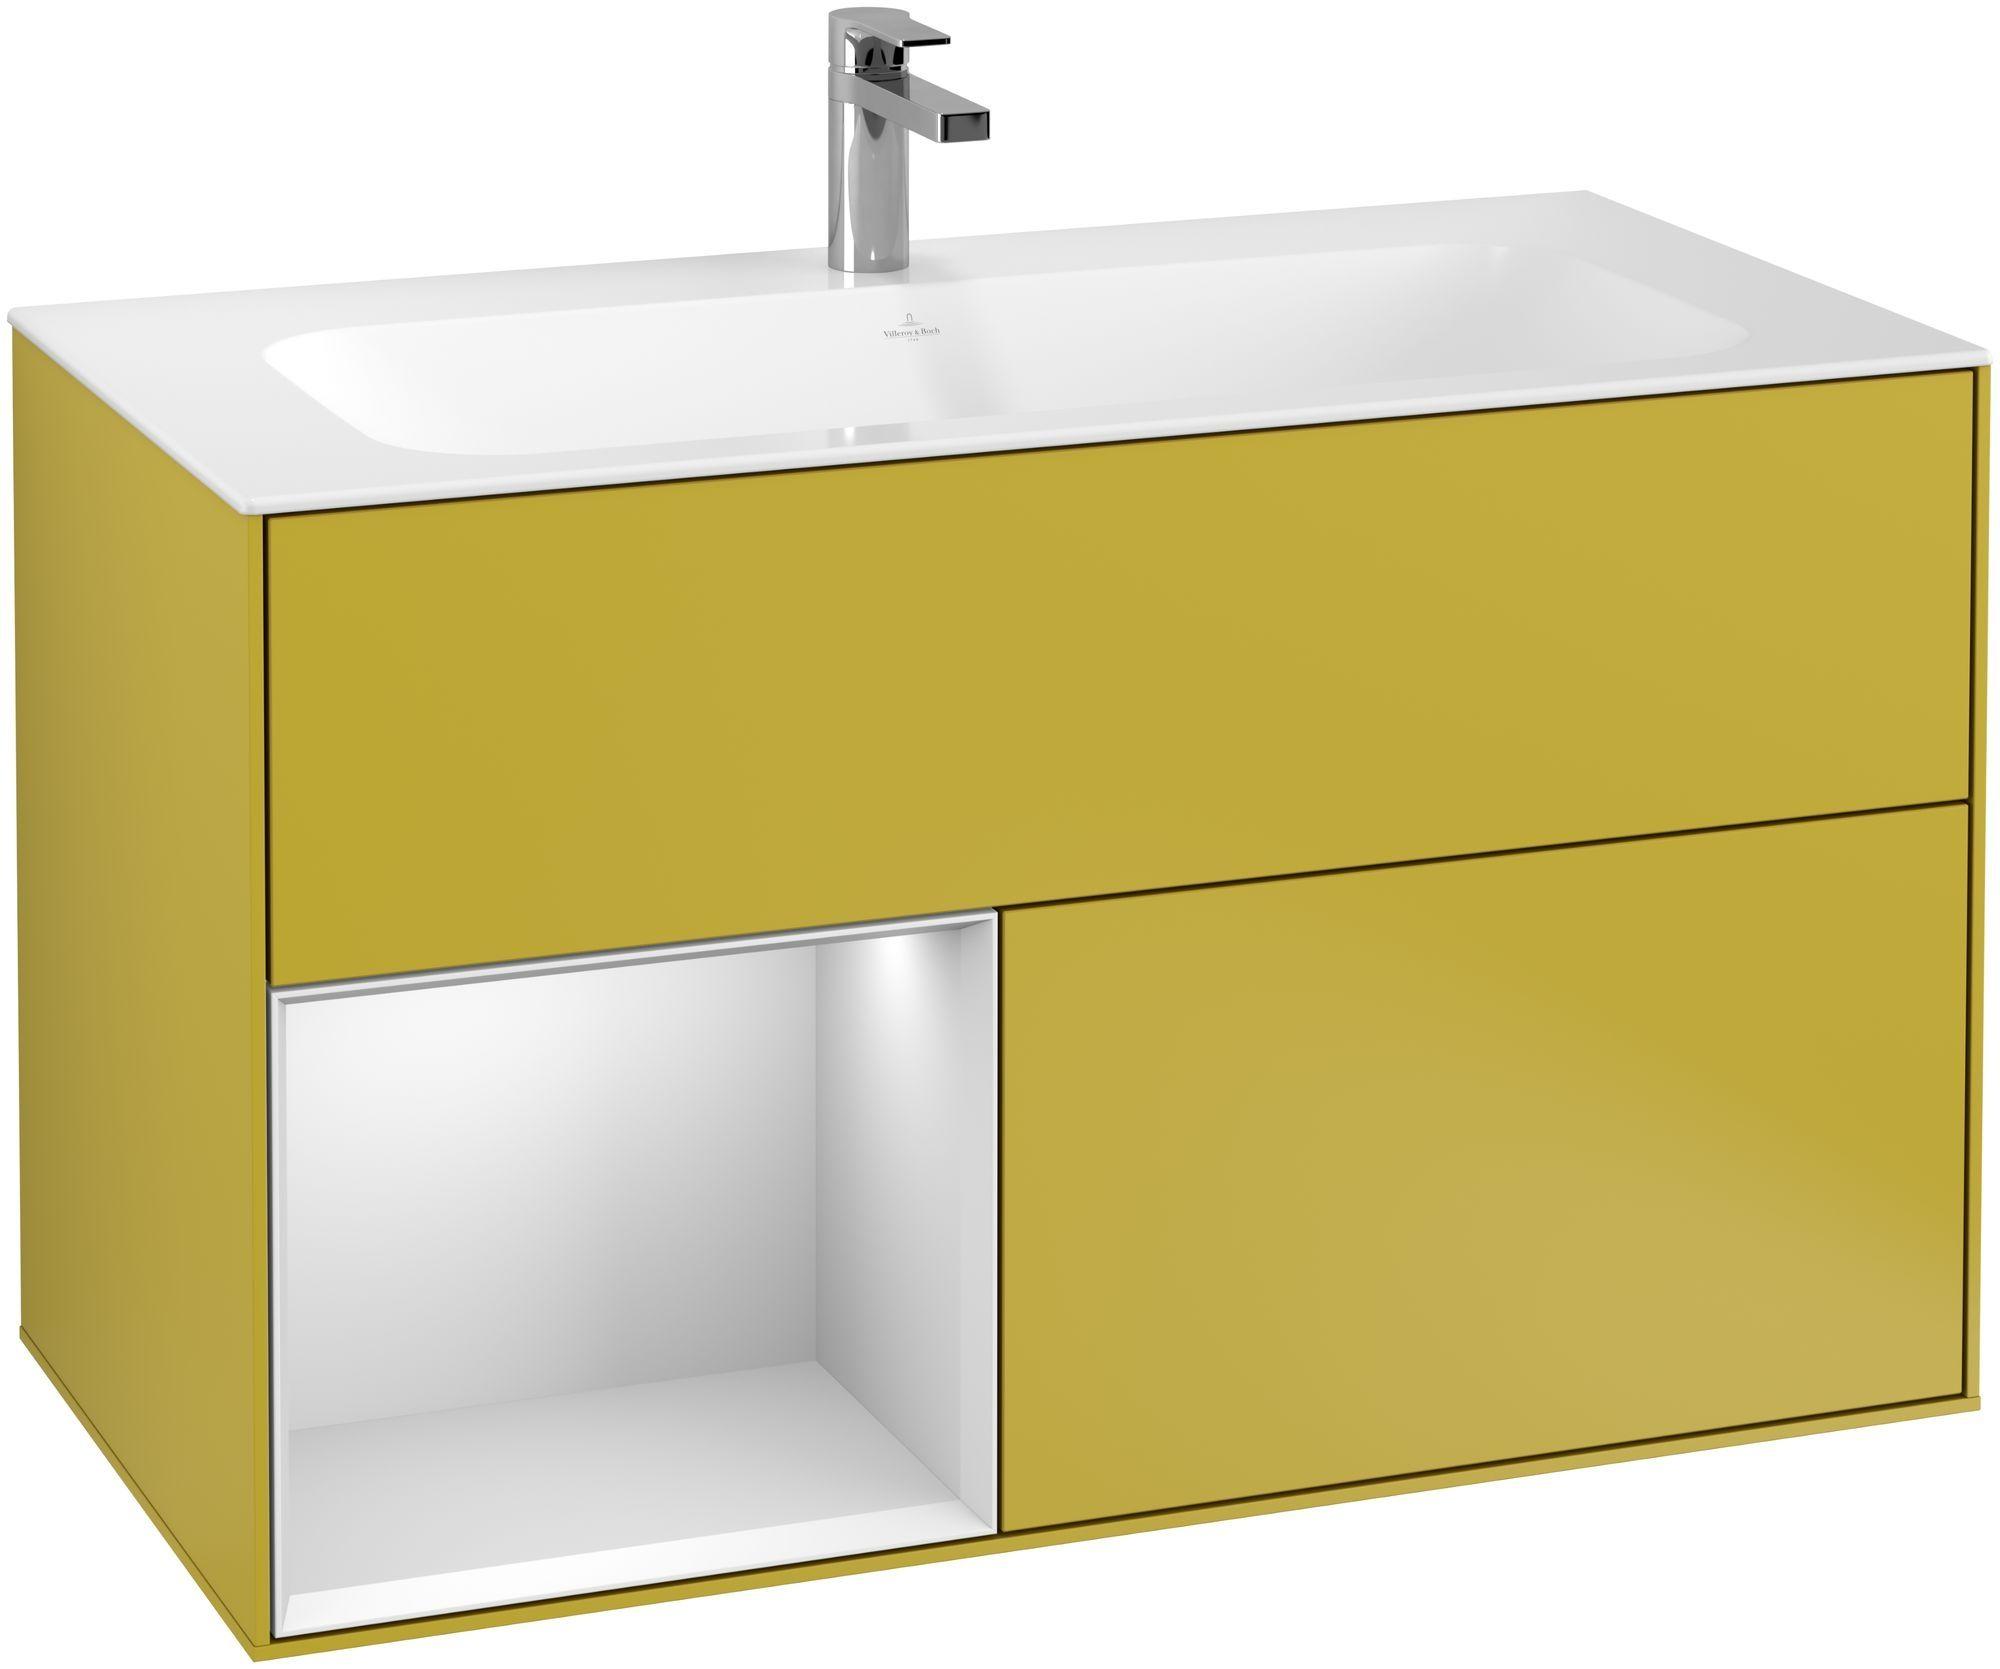 Villeroy & Boch Finion G03 Waschtischunterschrank mit Regalelement 2 Auszüge LED-Beleuchtung B:99,6xH:59,1xT:49,8cm Front, Korpus: Sun, Regal: Weiß Matt Soft Grey G030MTHE